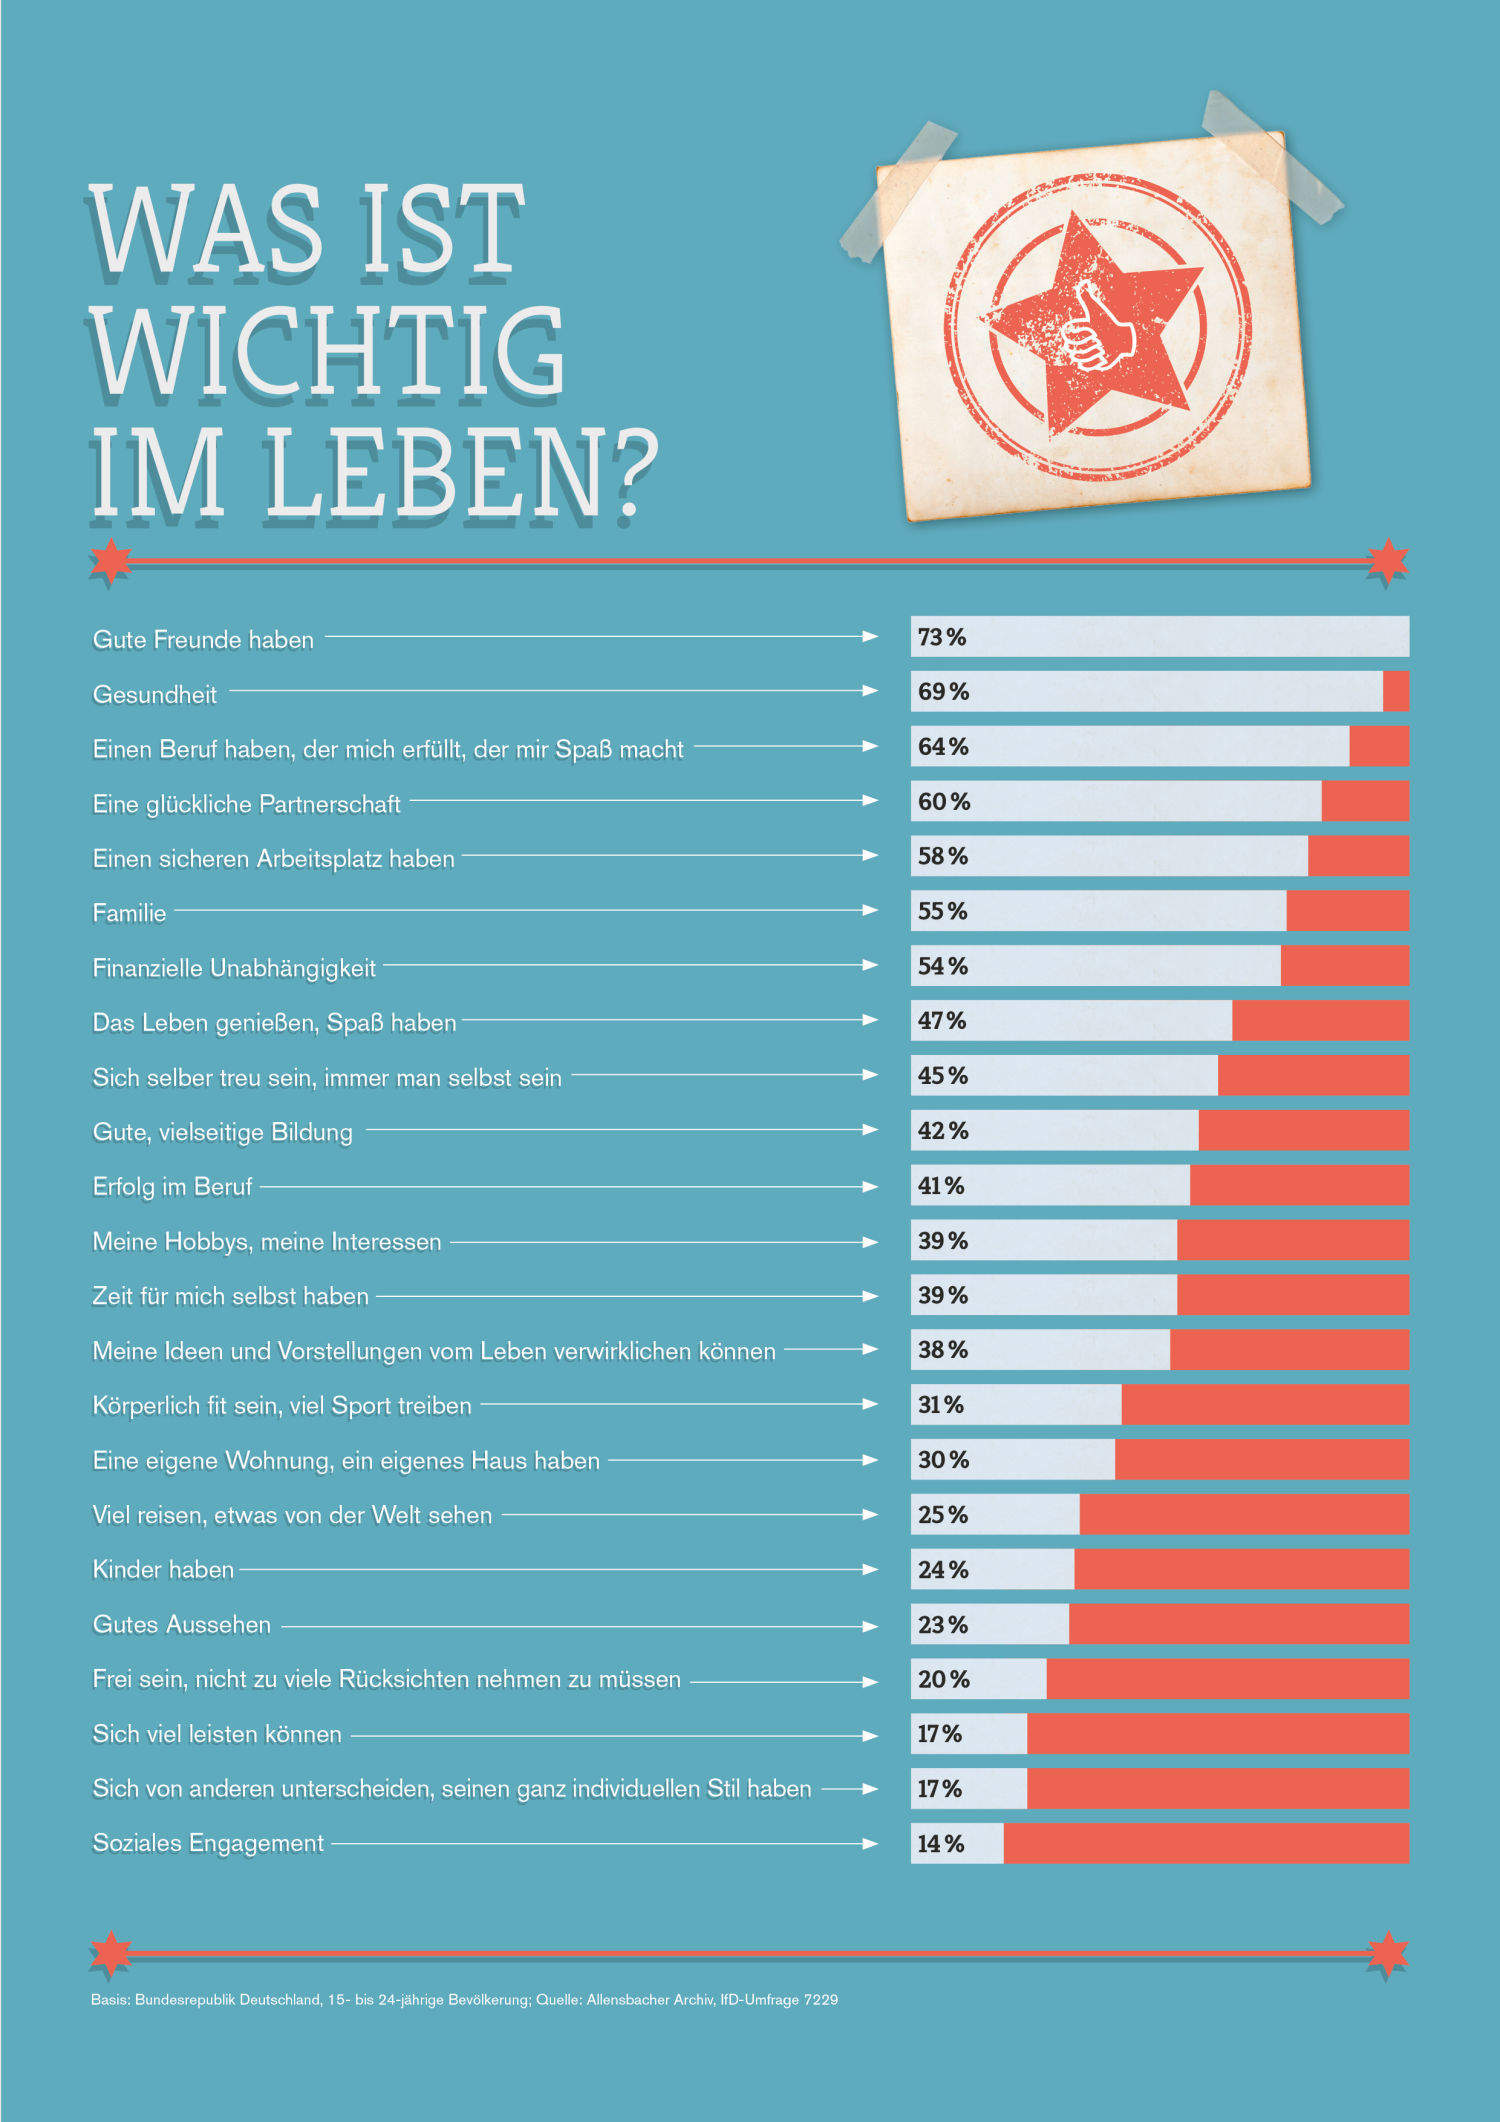 Was ist wichtig im Leben? - Ergebnisse der McDonald's Ausbildungsstudie 2015.